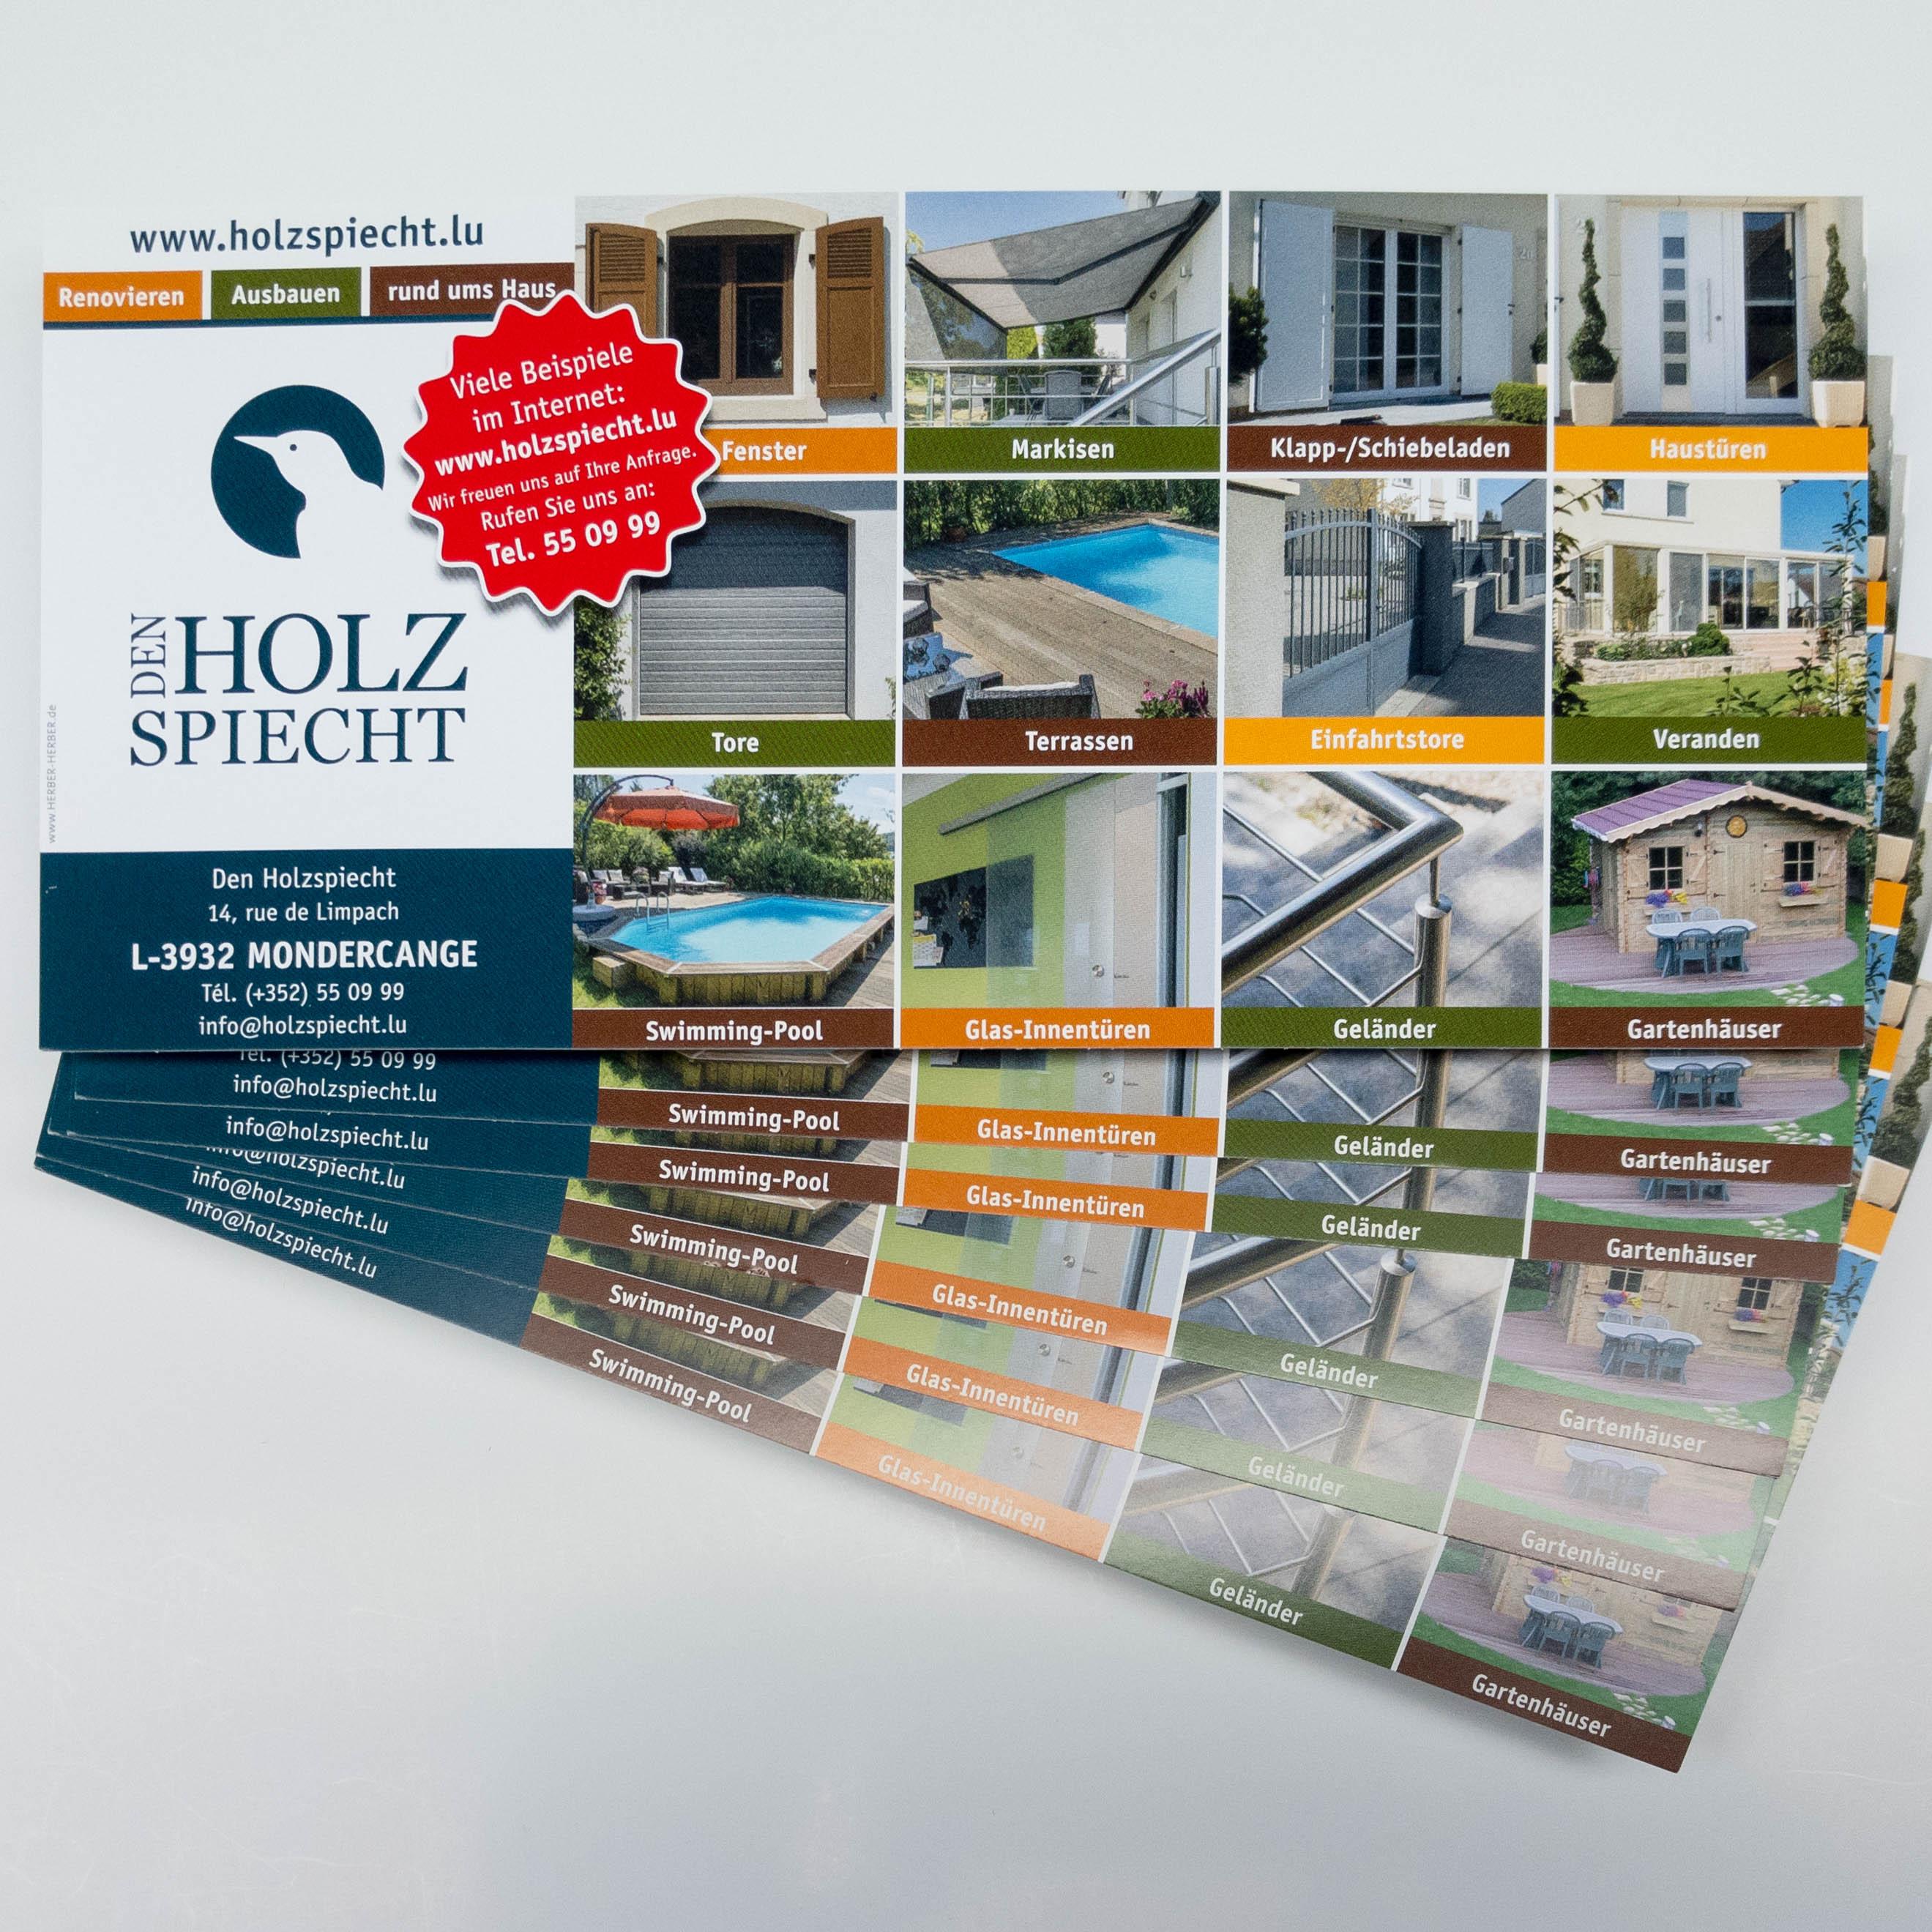 Flyer Rechnungsbeilage Holzspiecht | Herber-Herber